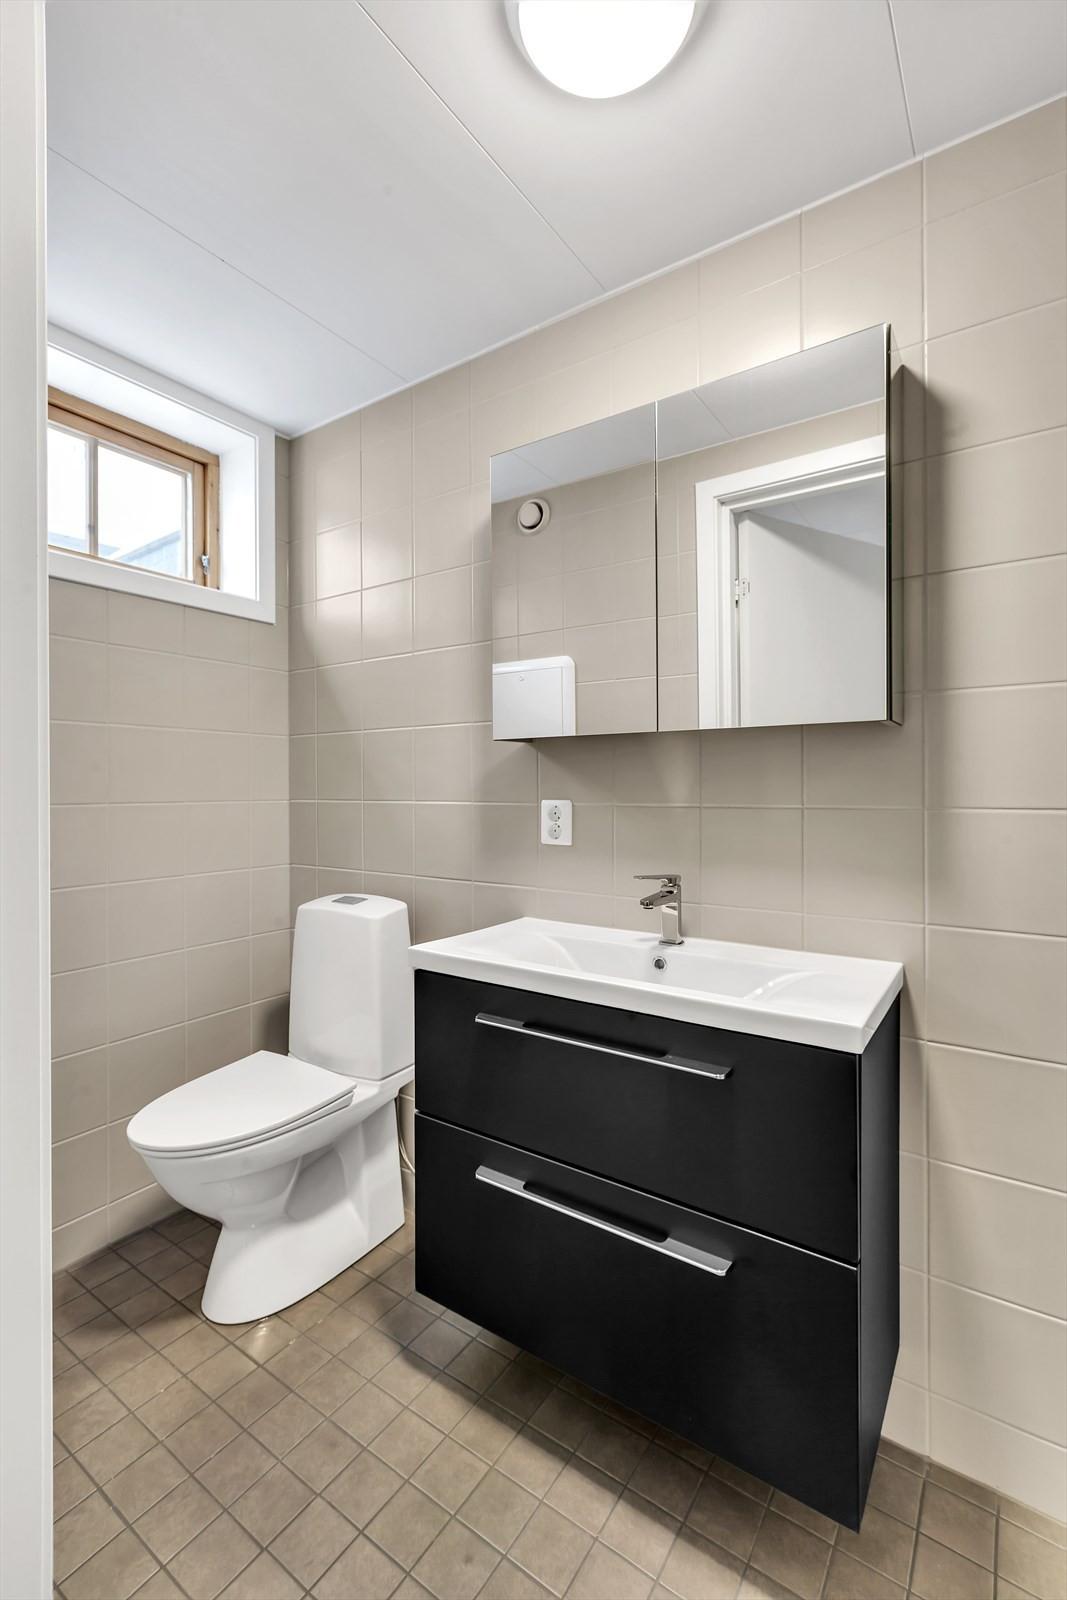 Flislagt badrom m/ varmekabler og moderne innredninger.